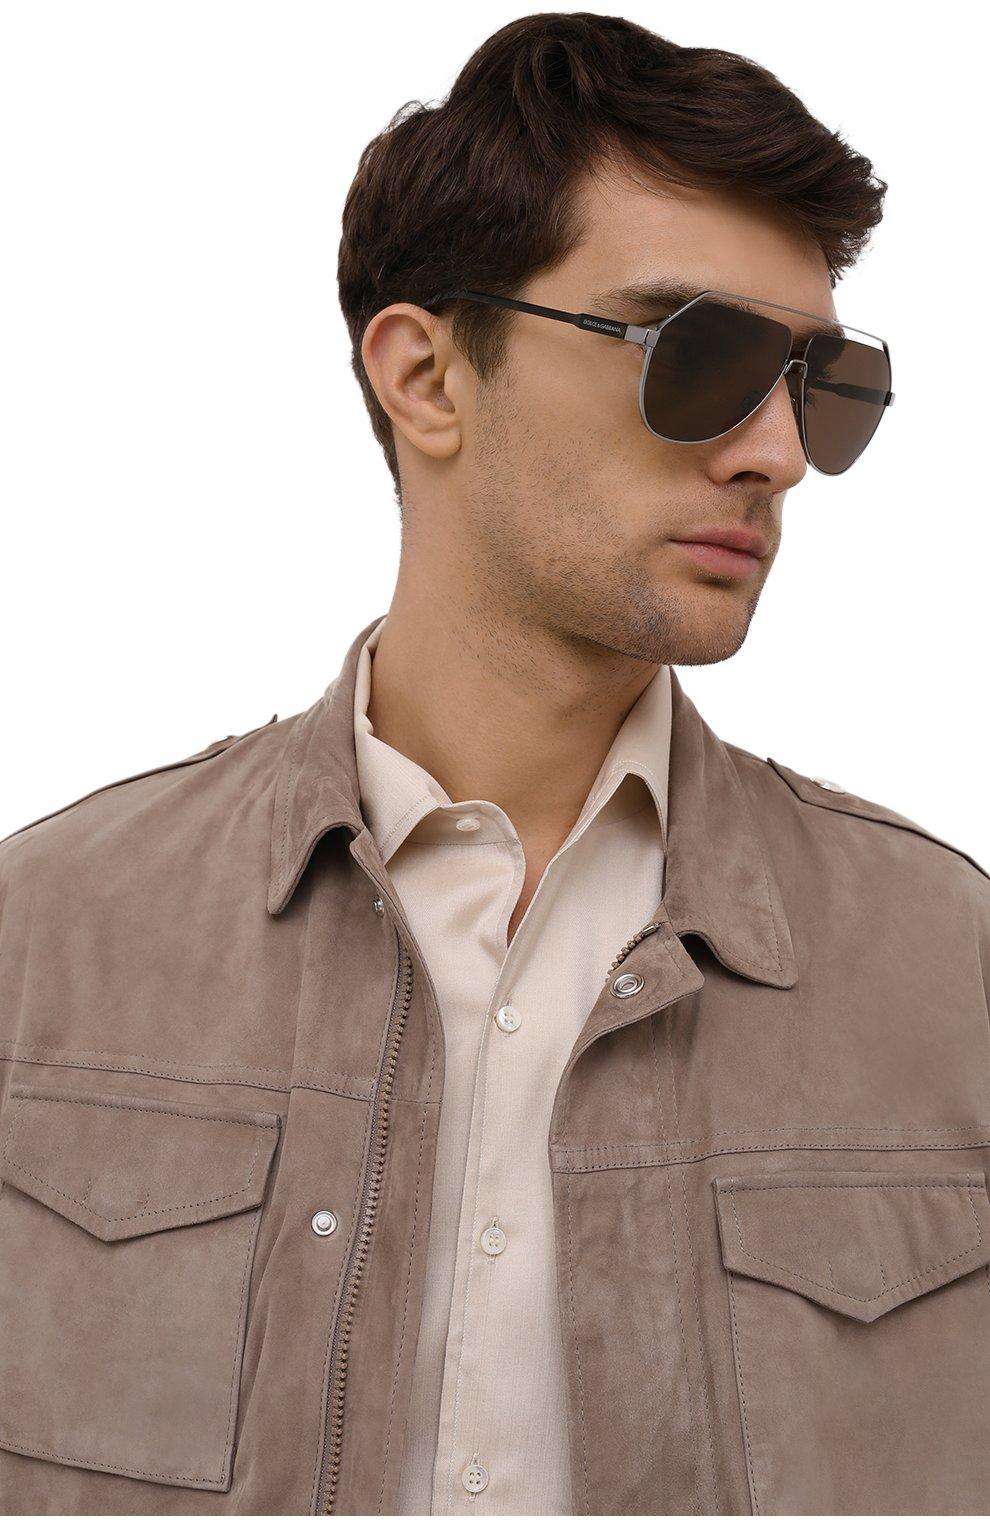 Мужские солнцезащитные очки DOLCE & GABBANA коричневого цвета, арт. 2266-04/73 | Фото 2